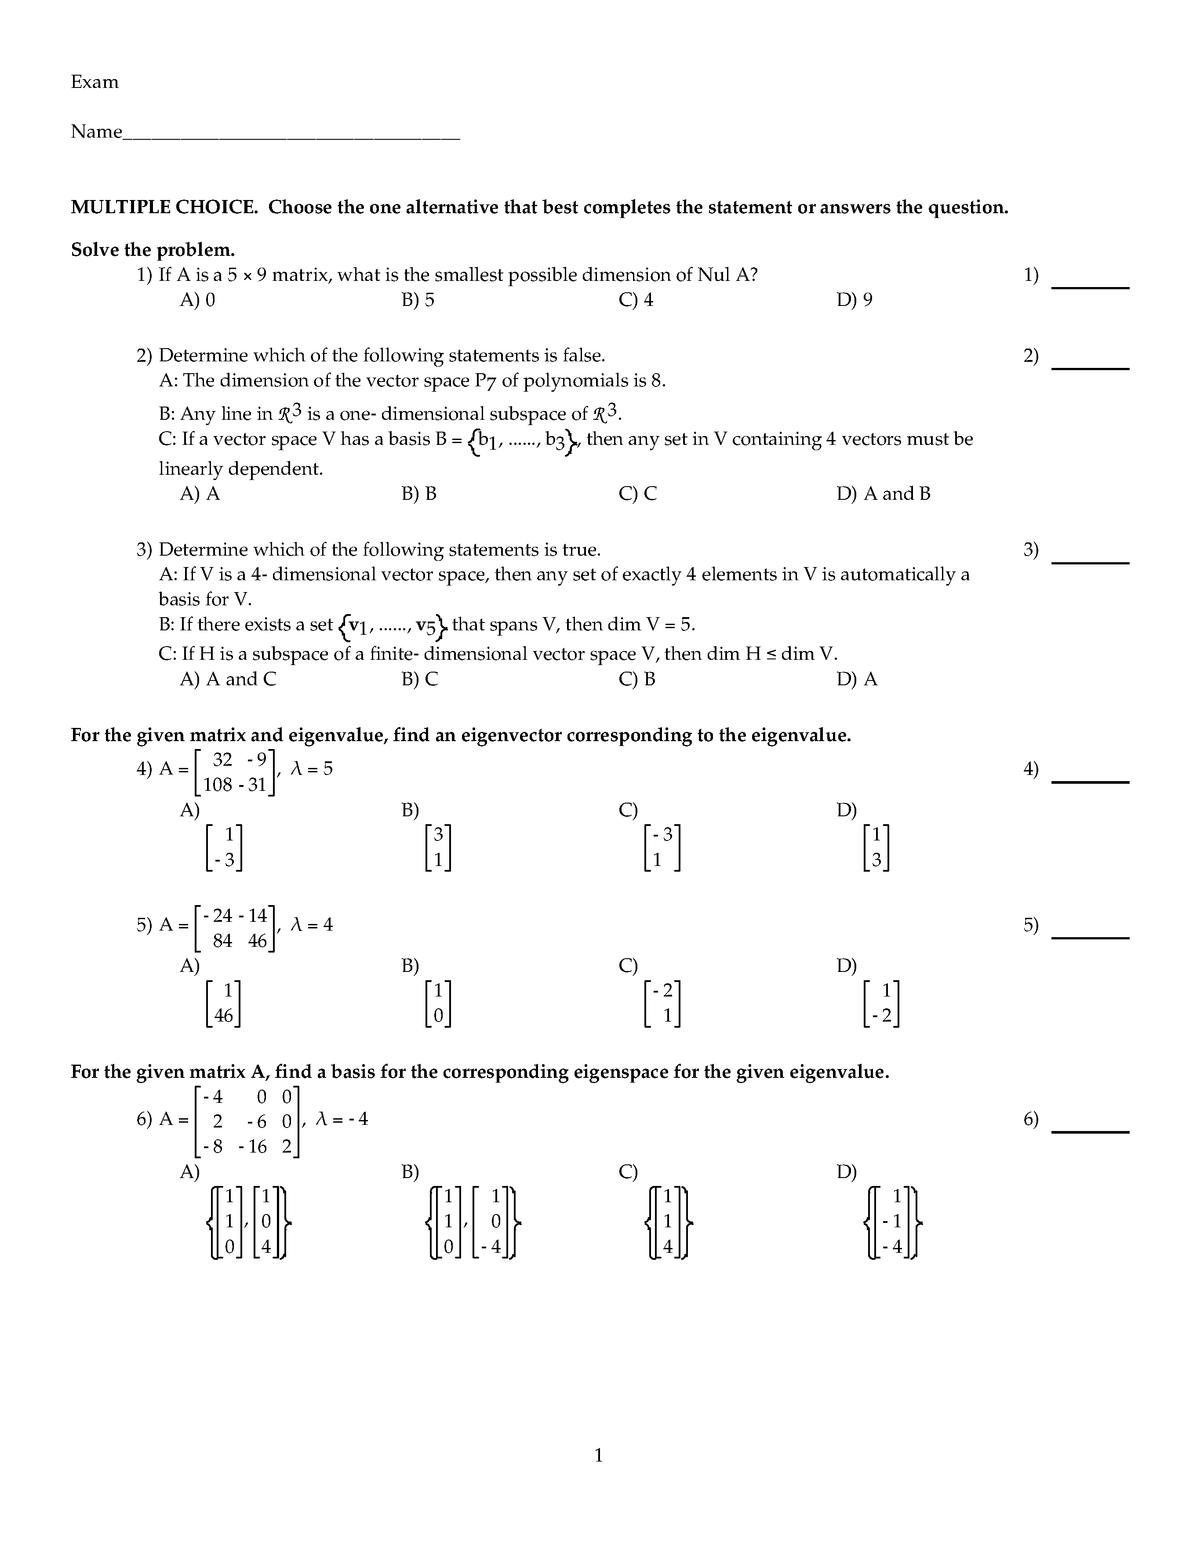 Exam 2014 - CSC 310: Linear Algebra and Matrix Comp - StuDocu